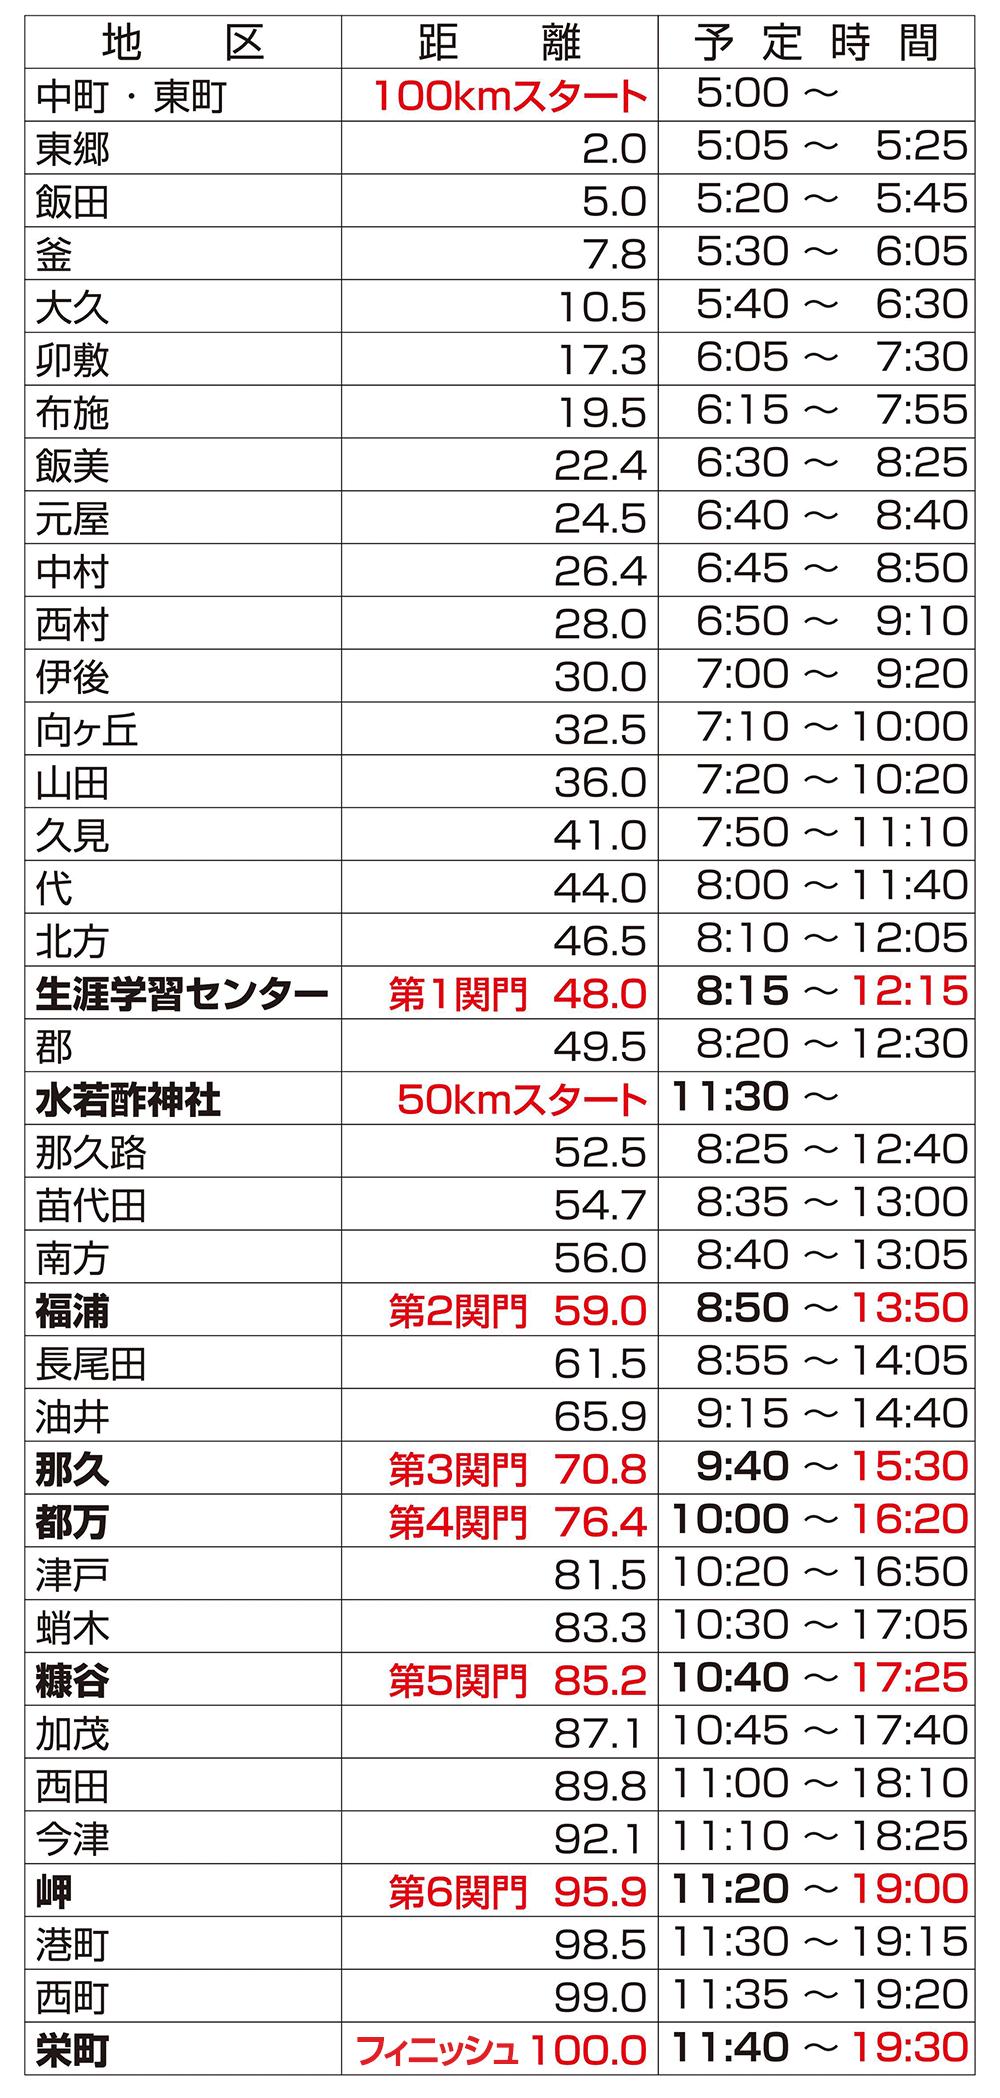 各地区通過予定時刻表